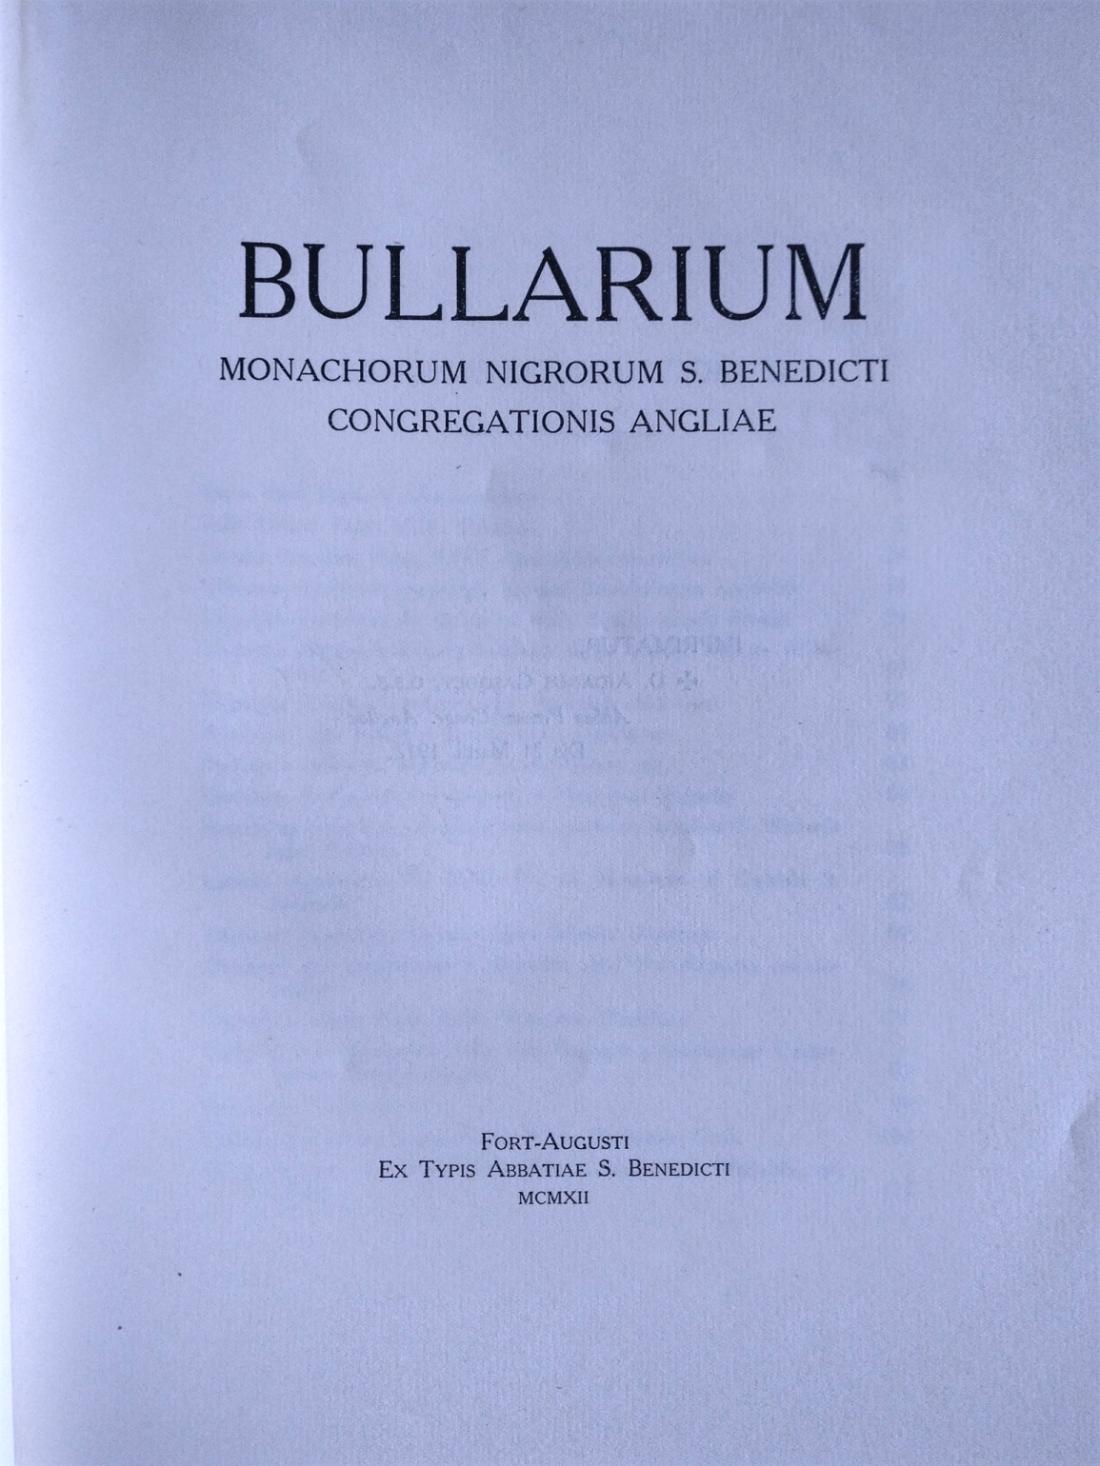 bullarium